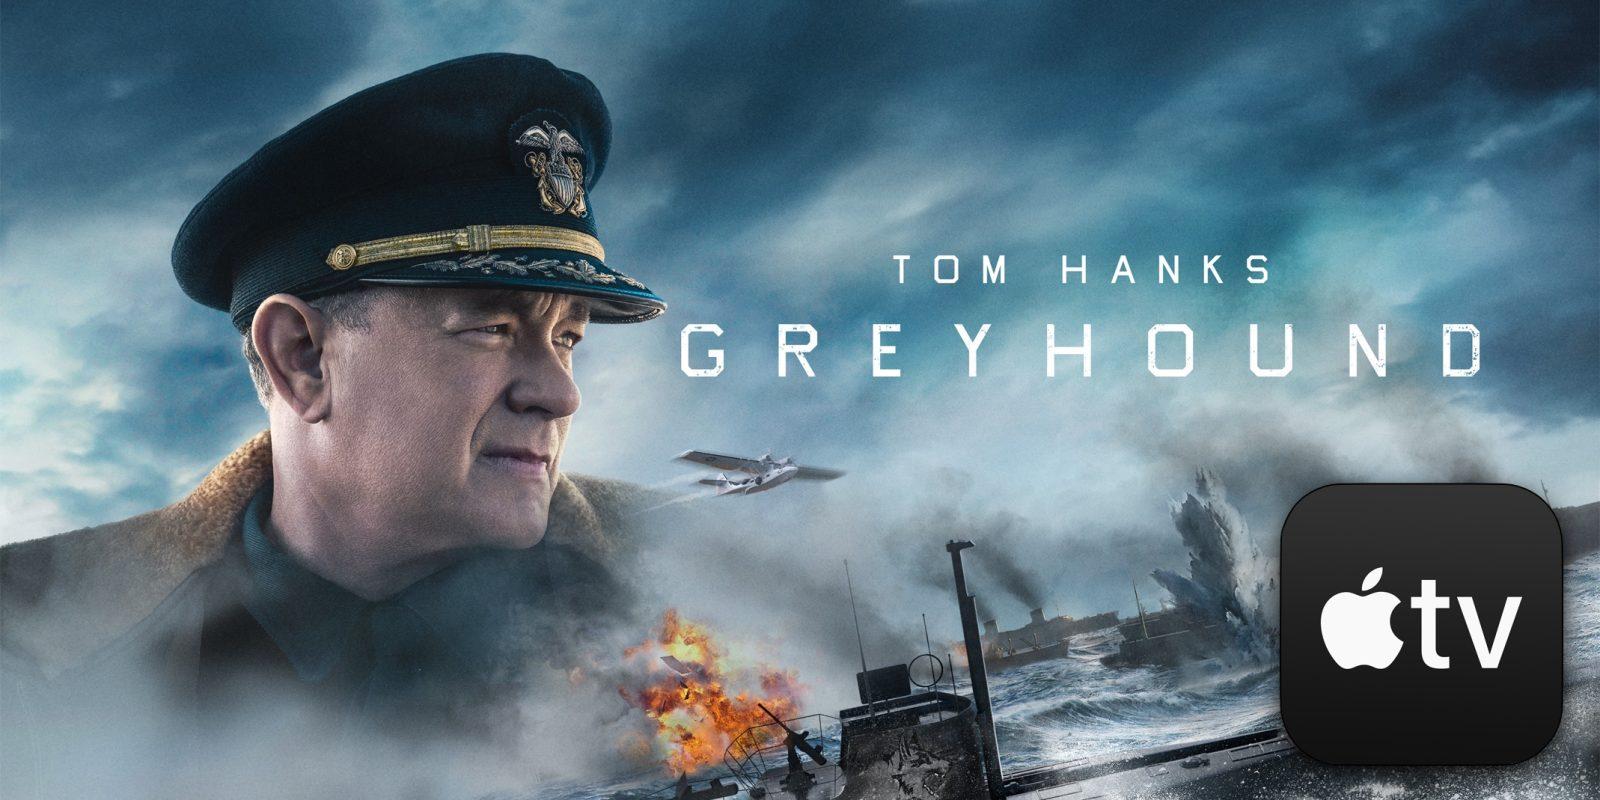 همکاری تام هنکس و اپل تیوی پلاس؛ از فیلم greyhound تا کار برروی یک مینی سریال جدید با استیون اسپیلبرگ